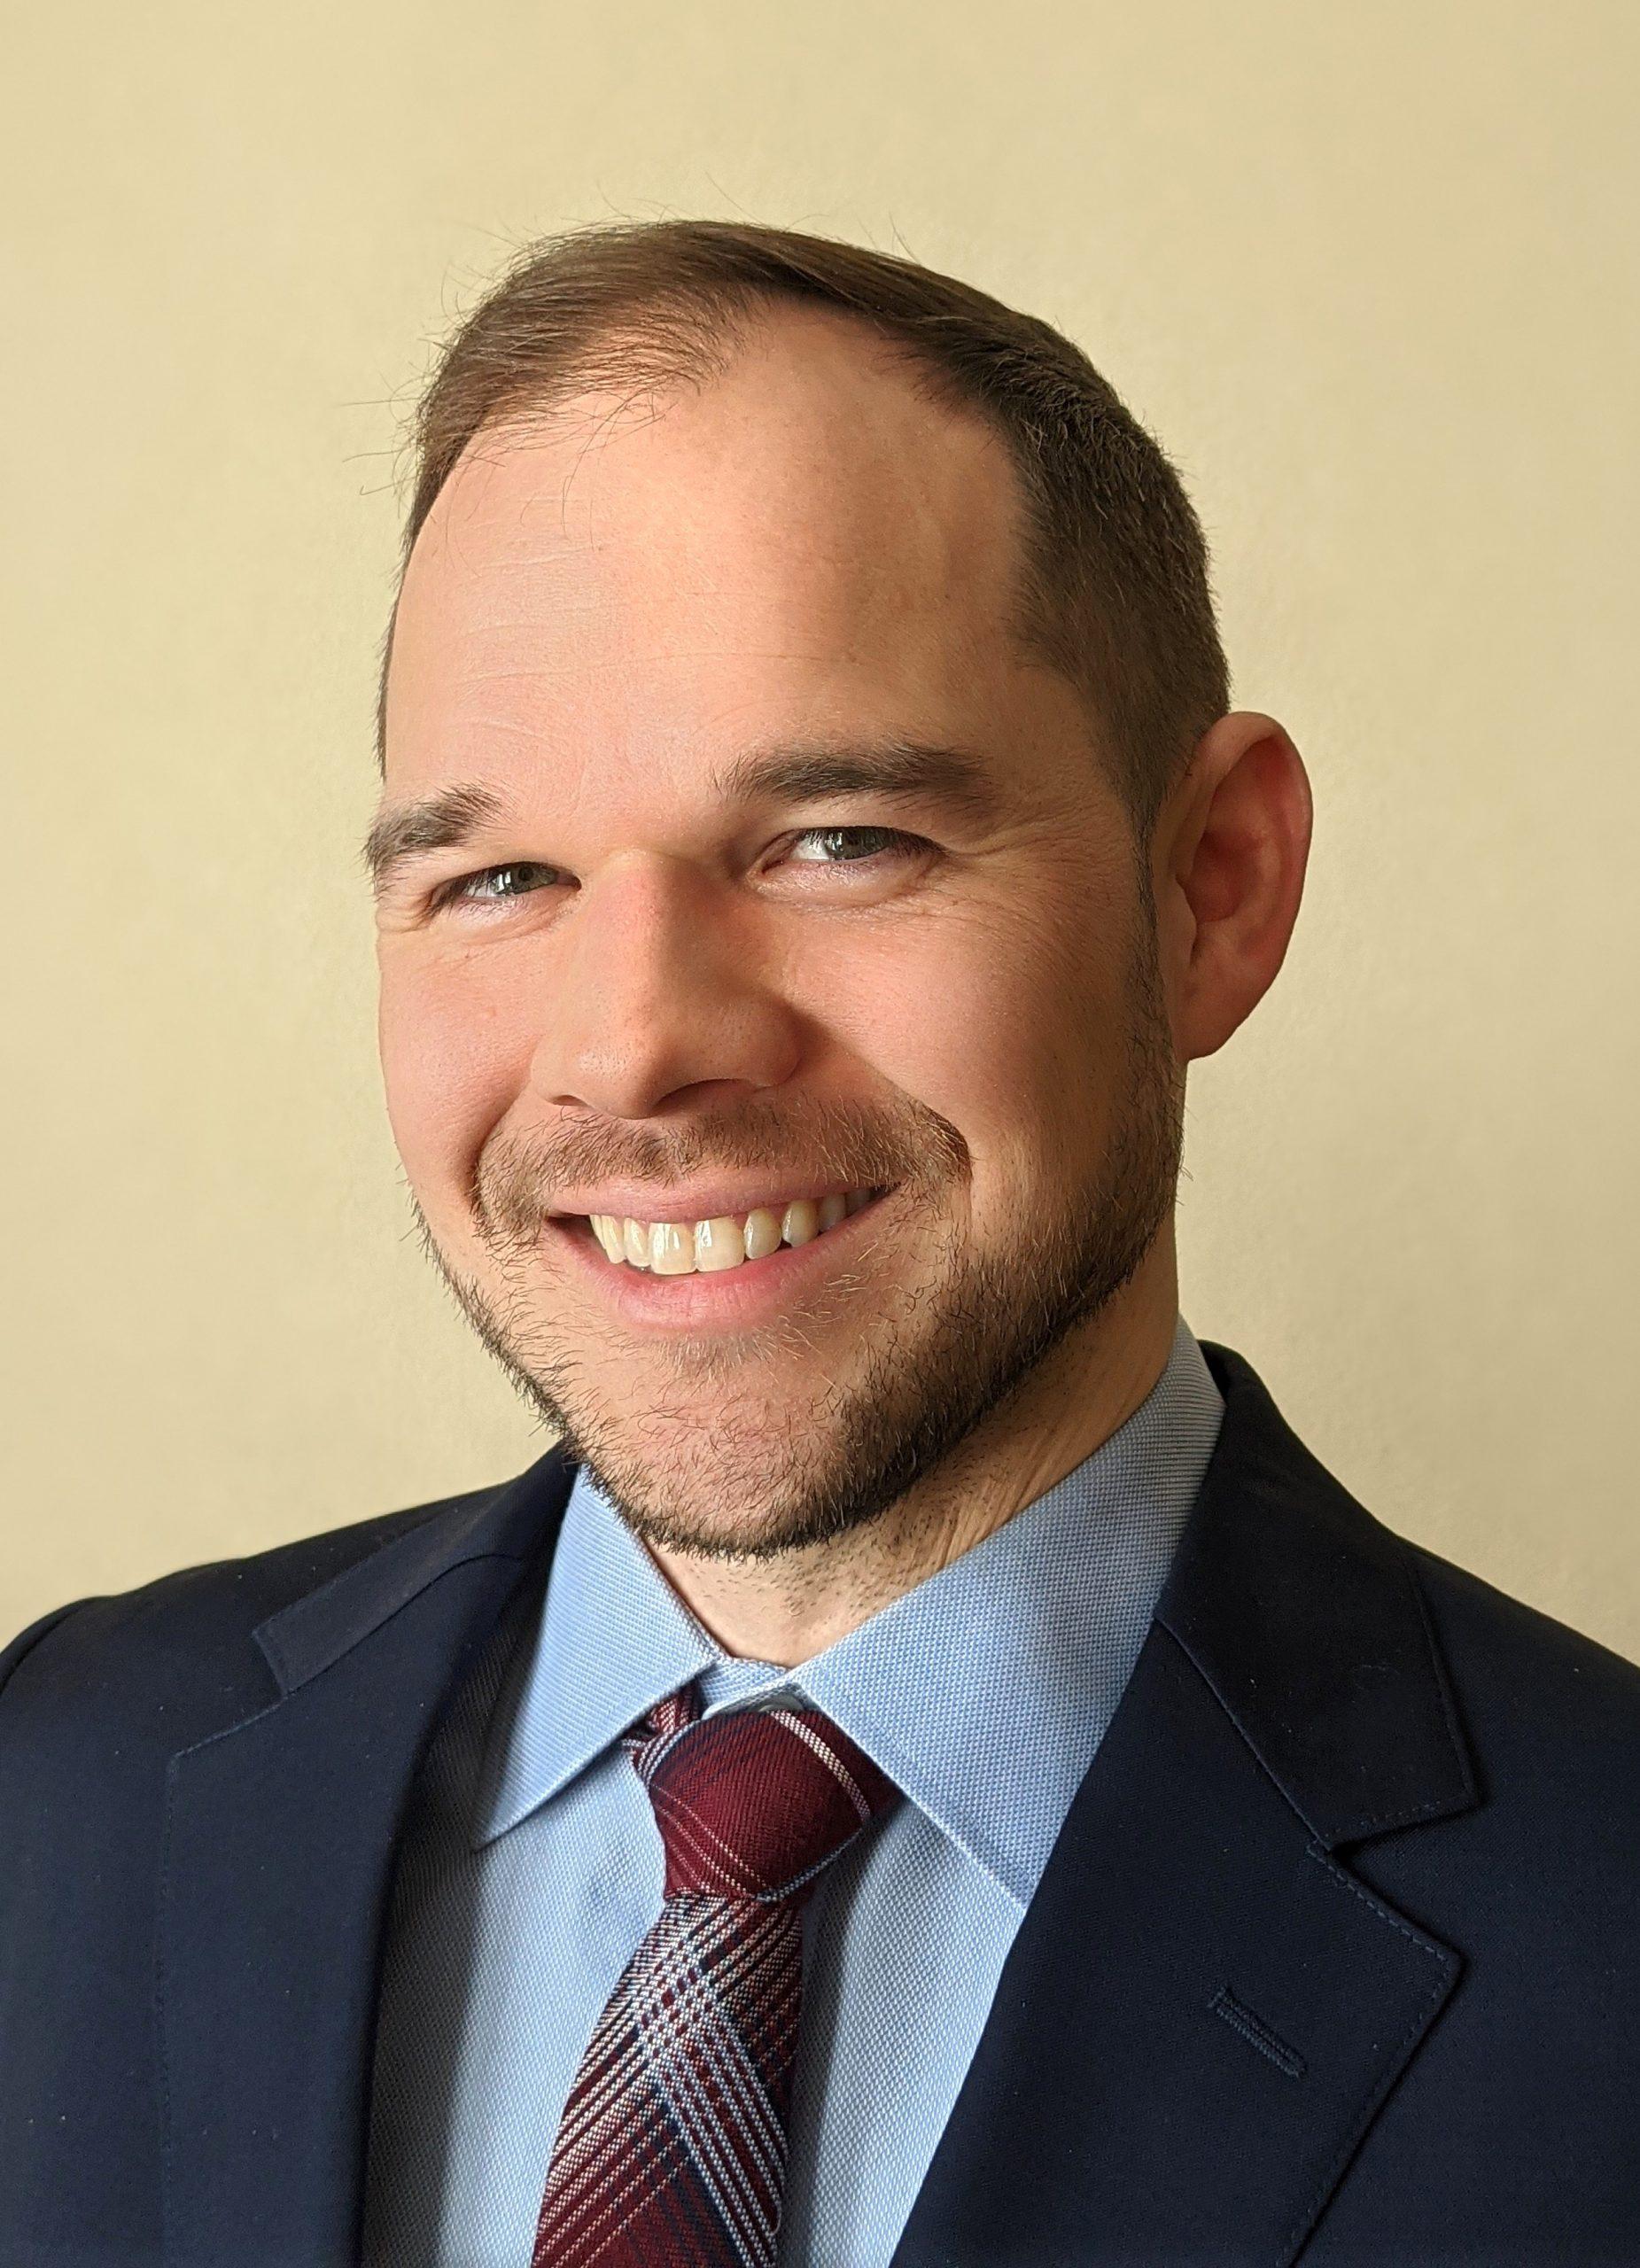 Andrew Lohsen Headshot